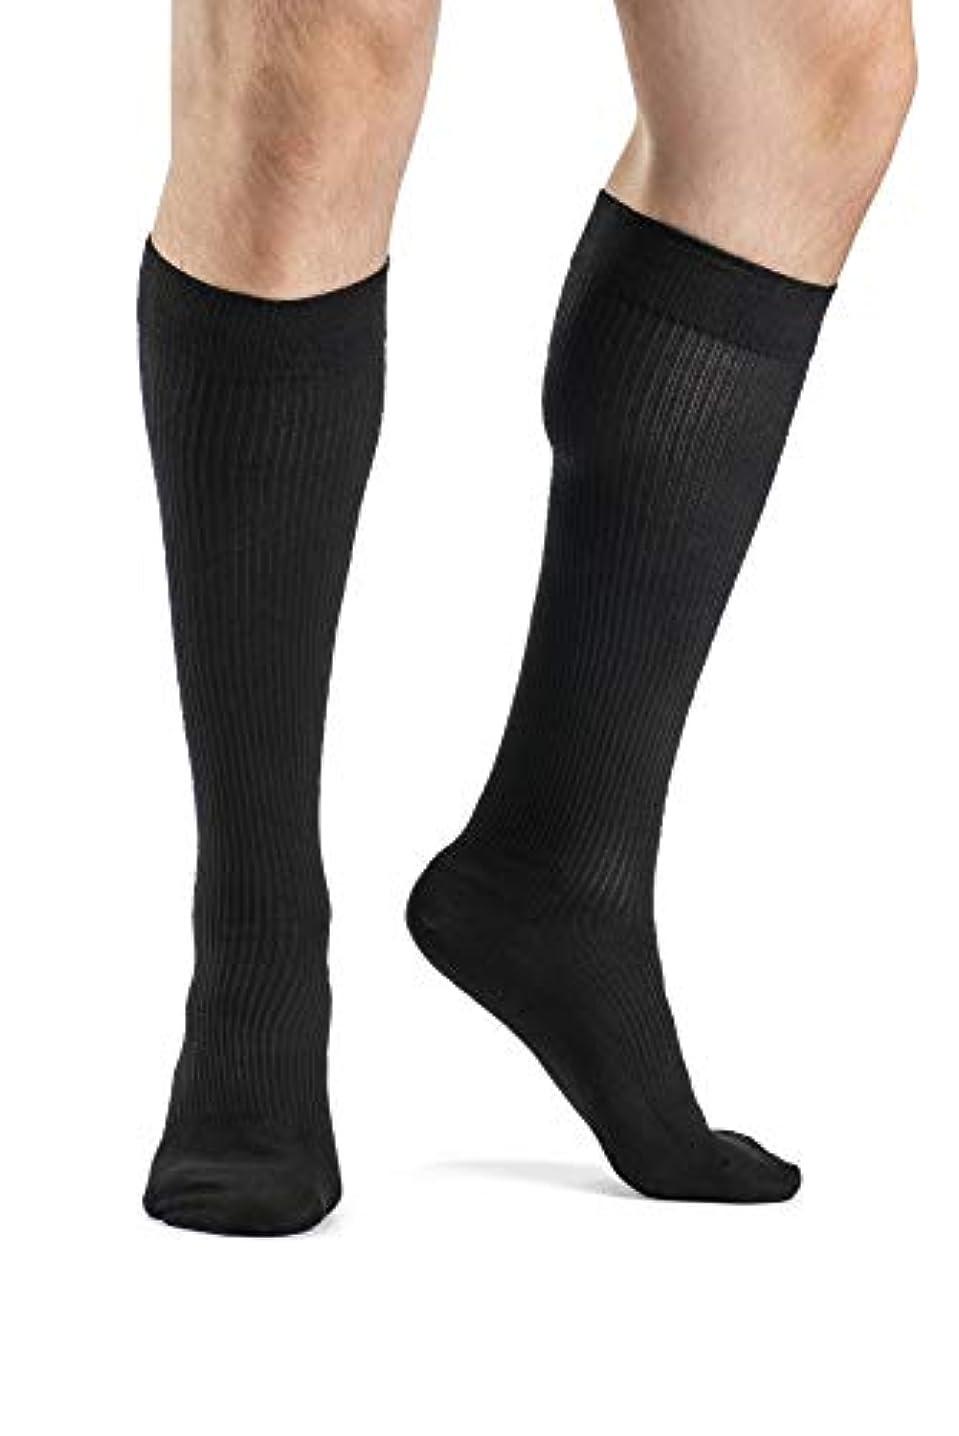 効率的割れ目する必要があるSigvaris Men's Support Therapy Casual Cotton Moderate Support Socks by Sigvaris